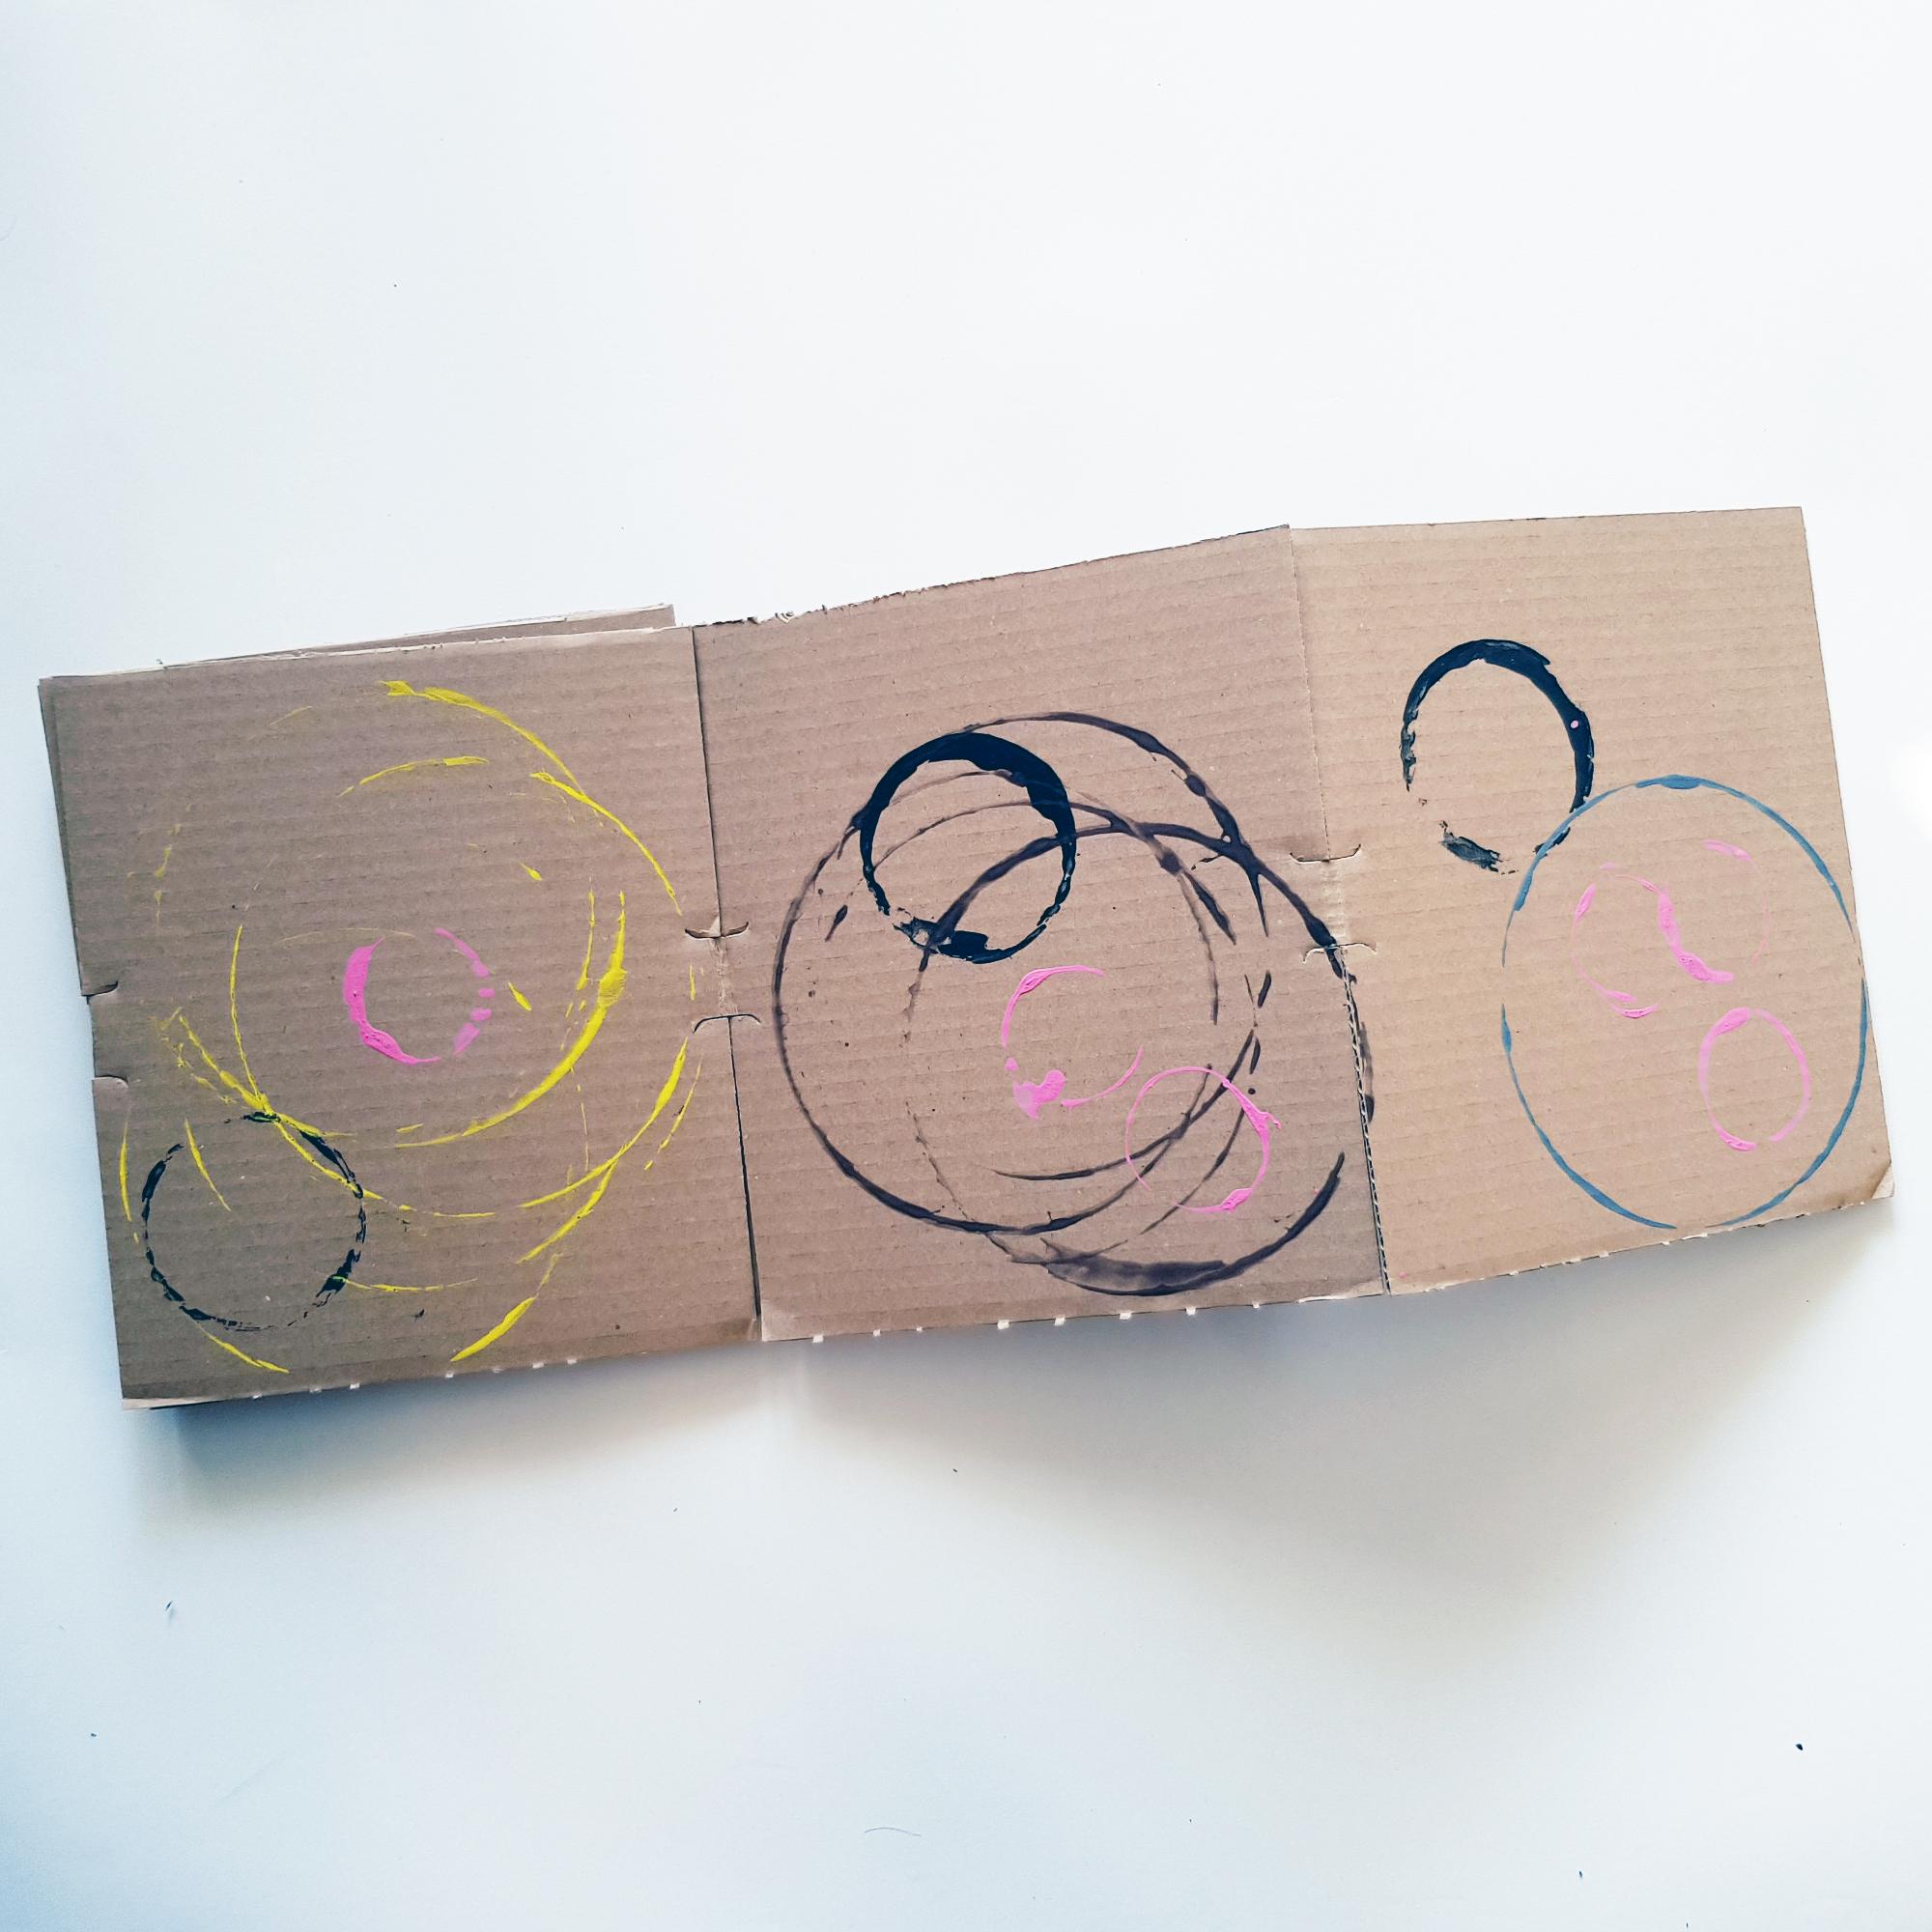 Atelier Leporello Les 3 petits cochons